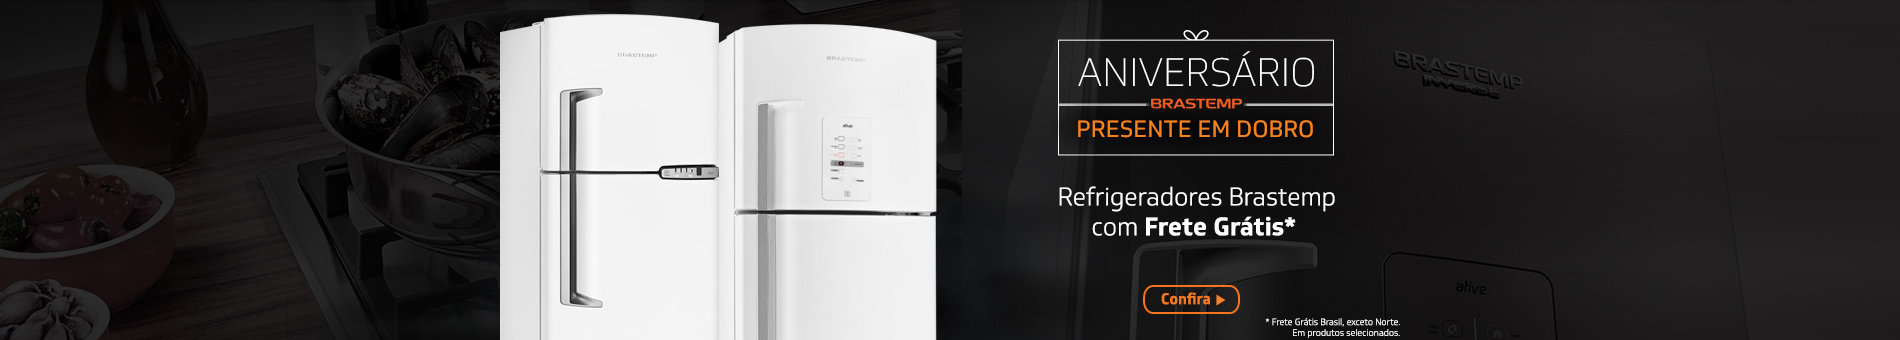 Promoção Interna - 752 - presenteemdobro_refrigerador_home2_22082016 - refrigerador - 2